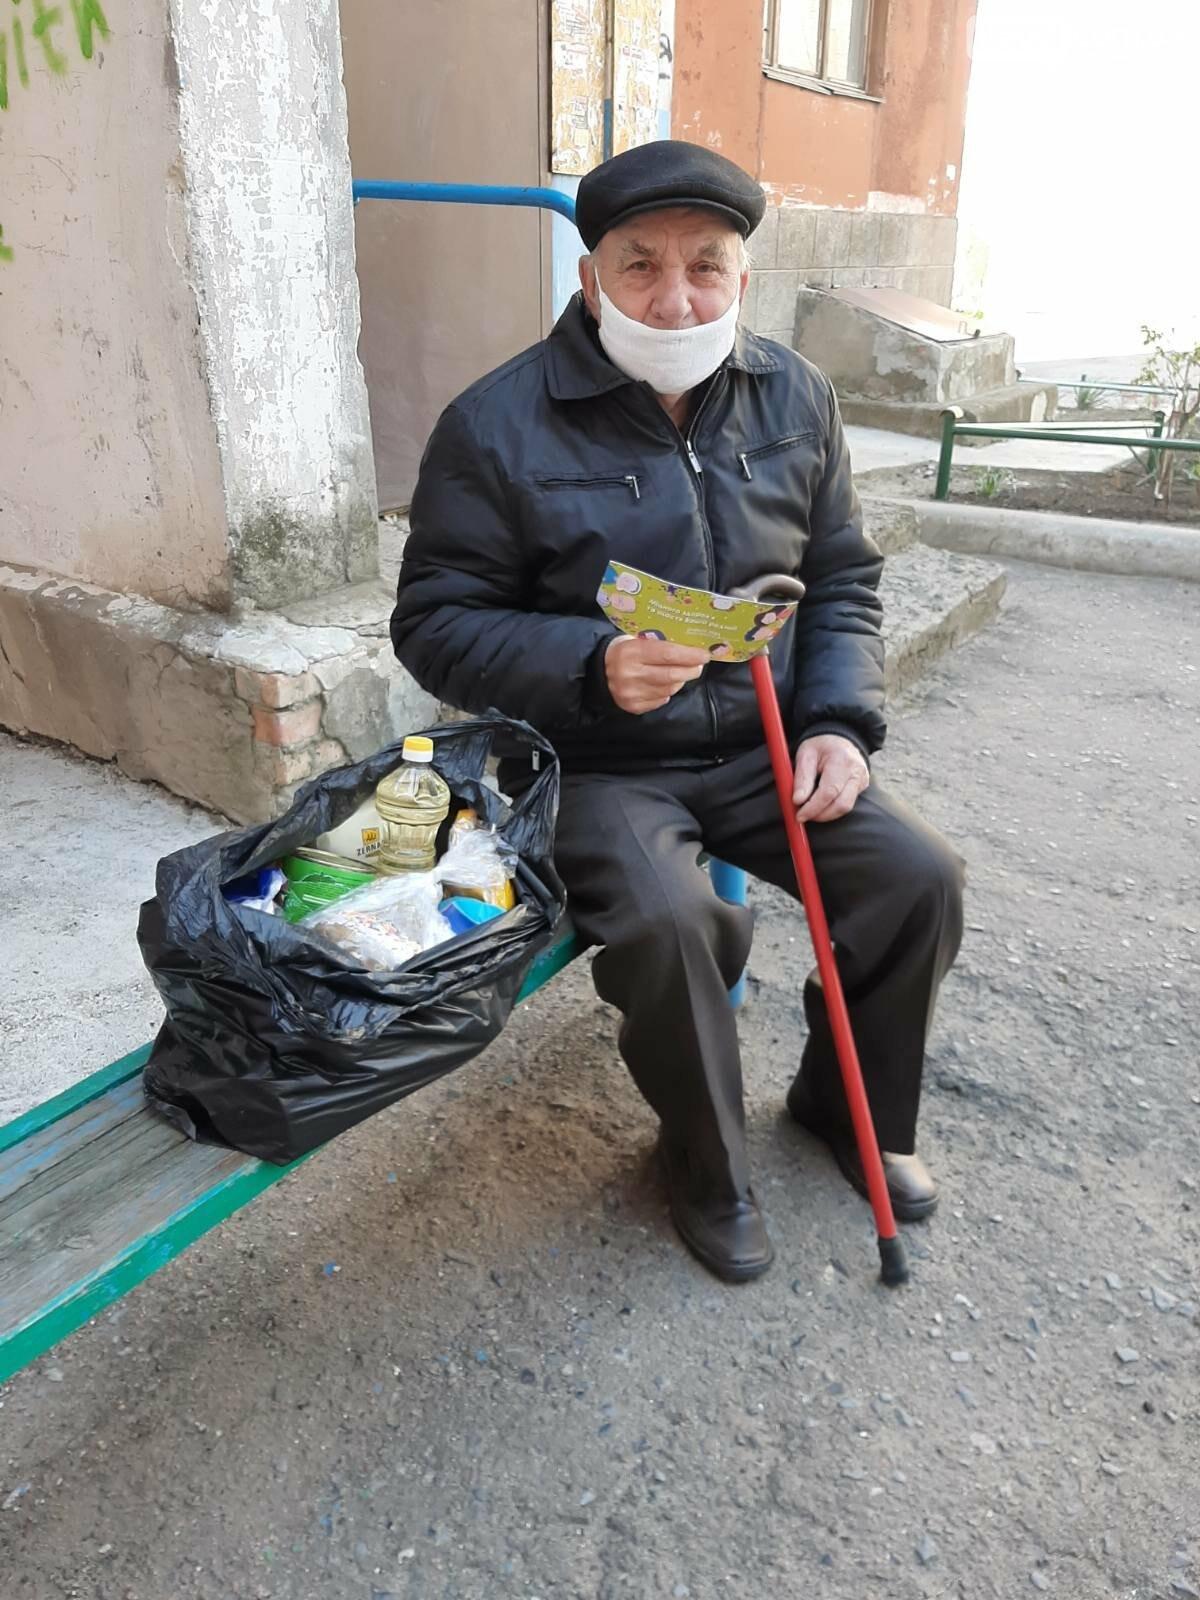 Мэр Бахмута вручил продуктовые наборы социально незащищенным гражданам, фото-4